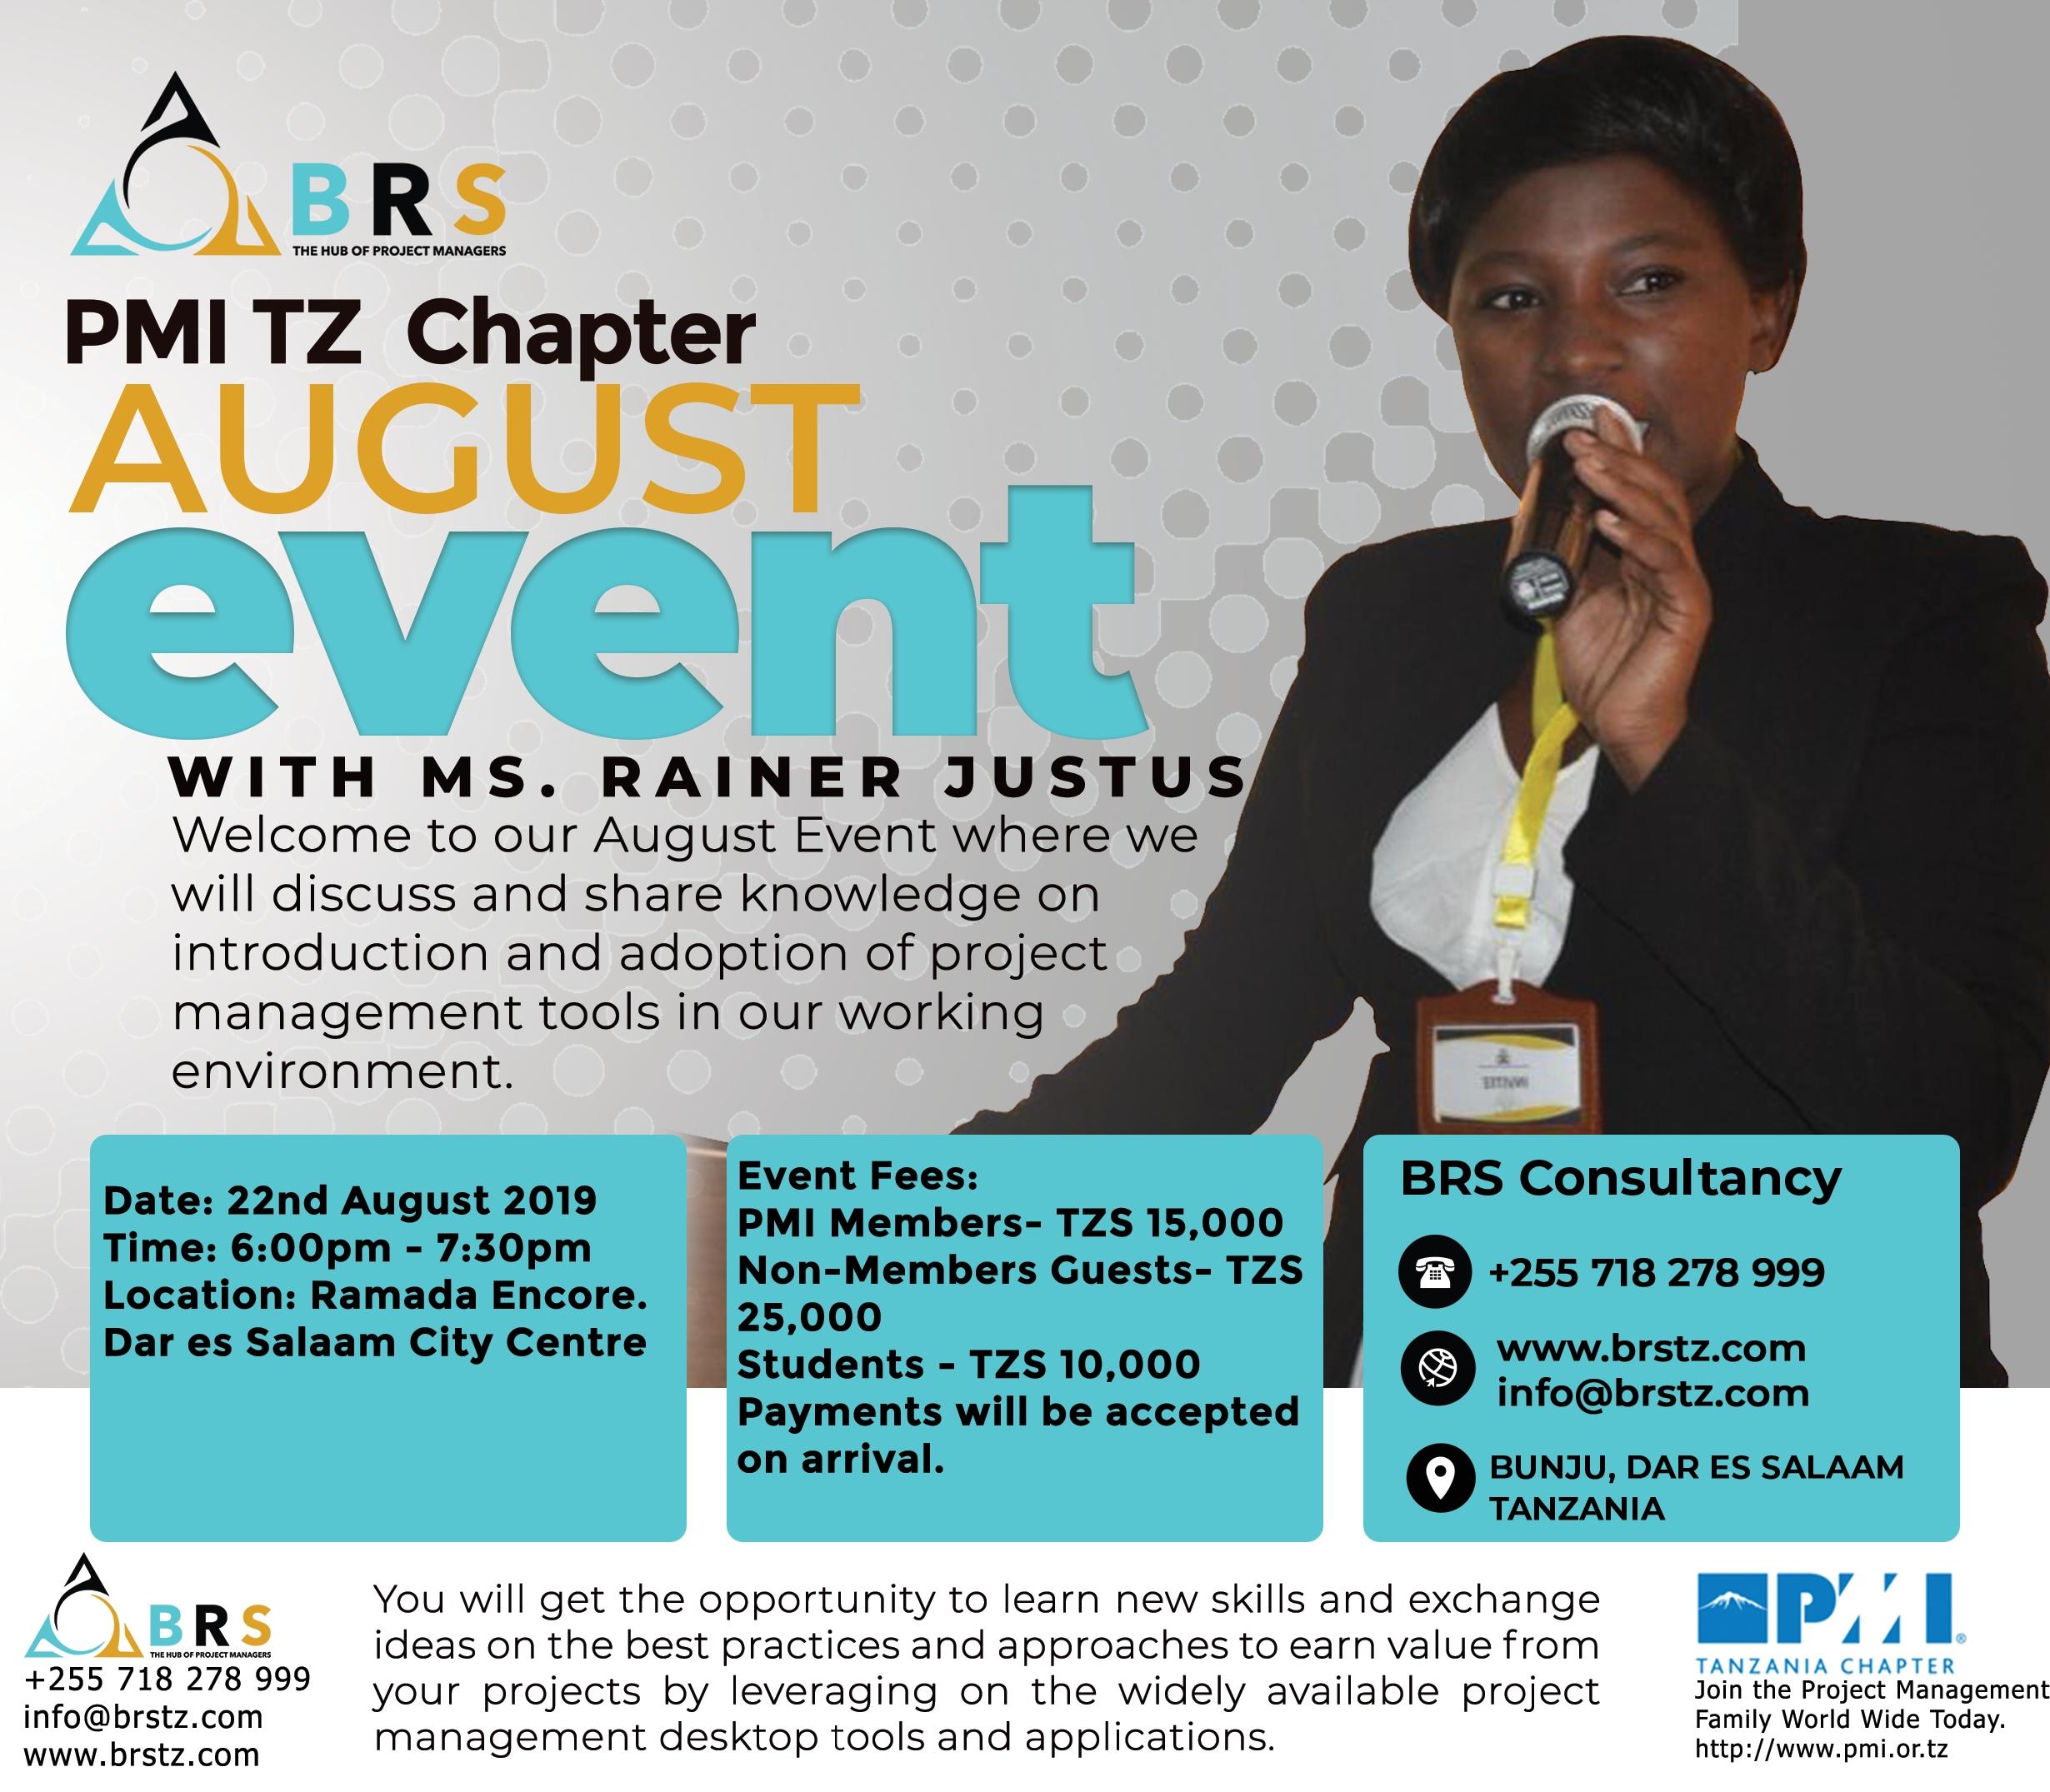 PMI Tanzania Chapter Event